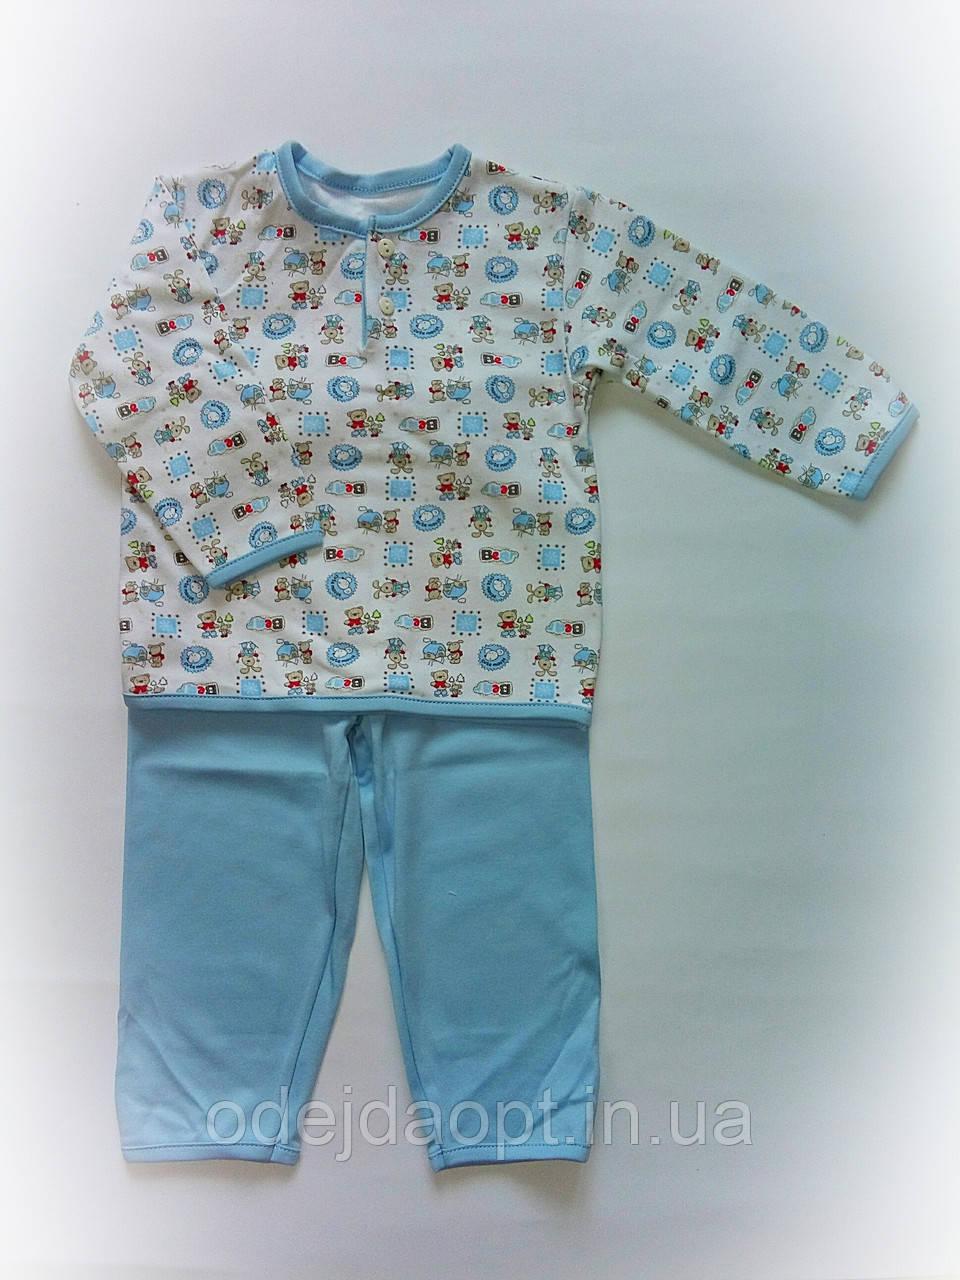 Детская пижама для мальчика интерлок 8-9 месяцев ,1-2 года